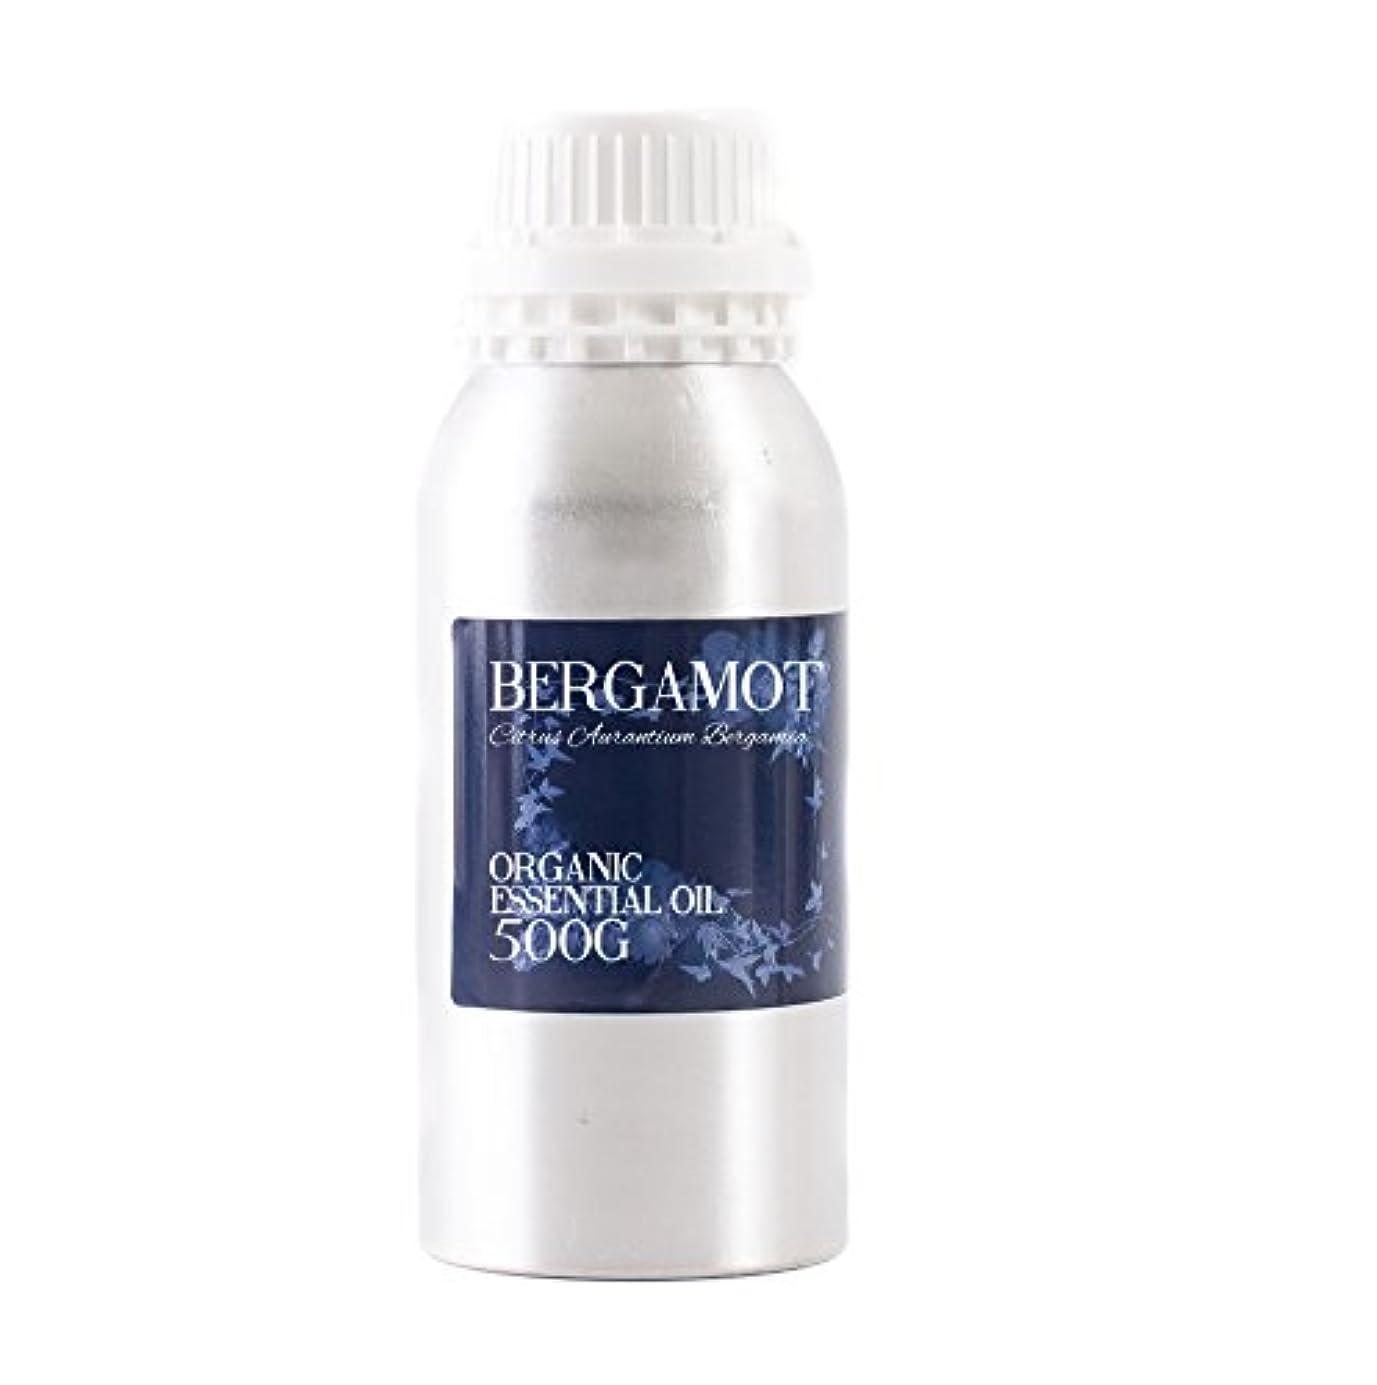 授業料二年生バスタブMystic Moments | Bergamot Organic Essential Oil - 500g - 100% Pure